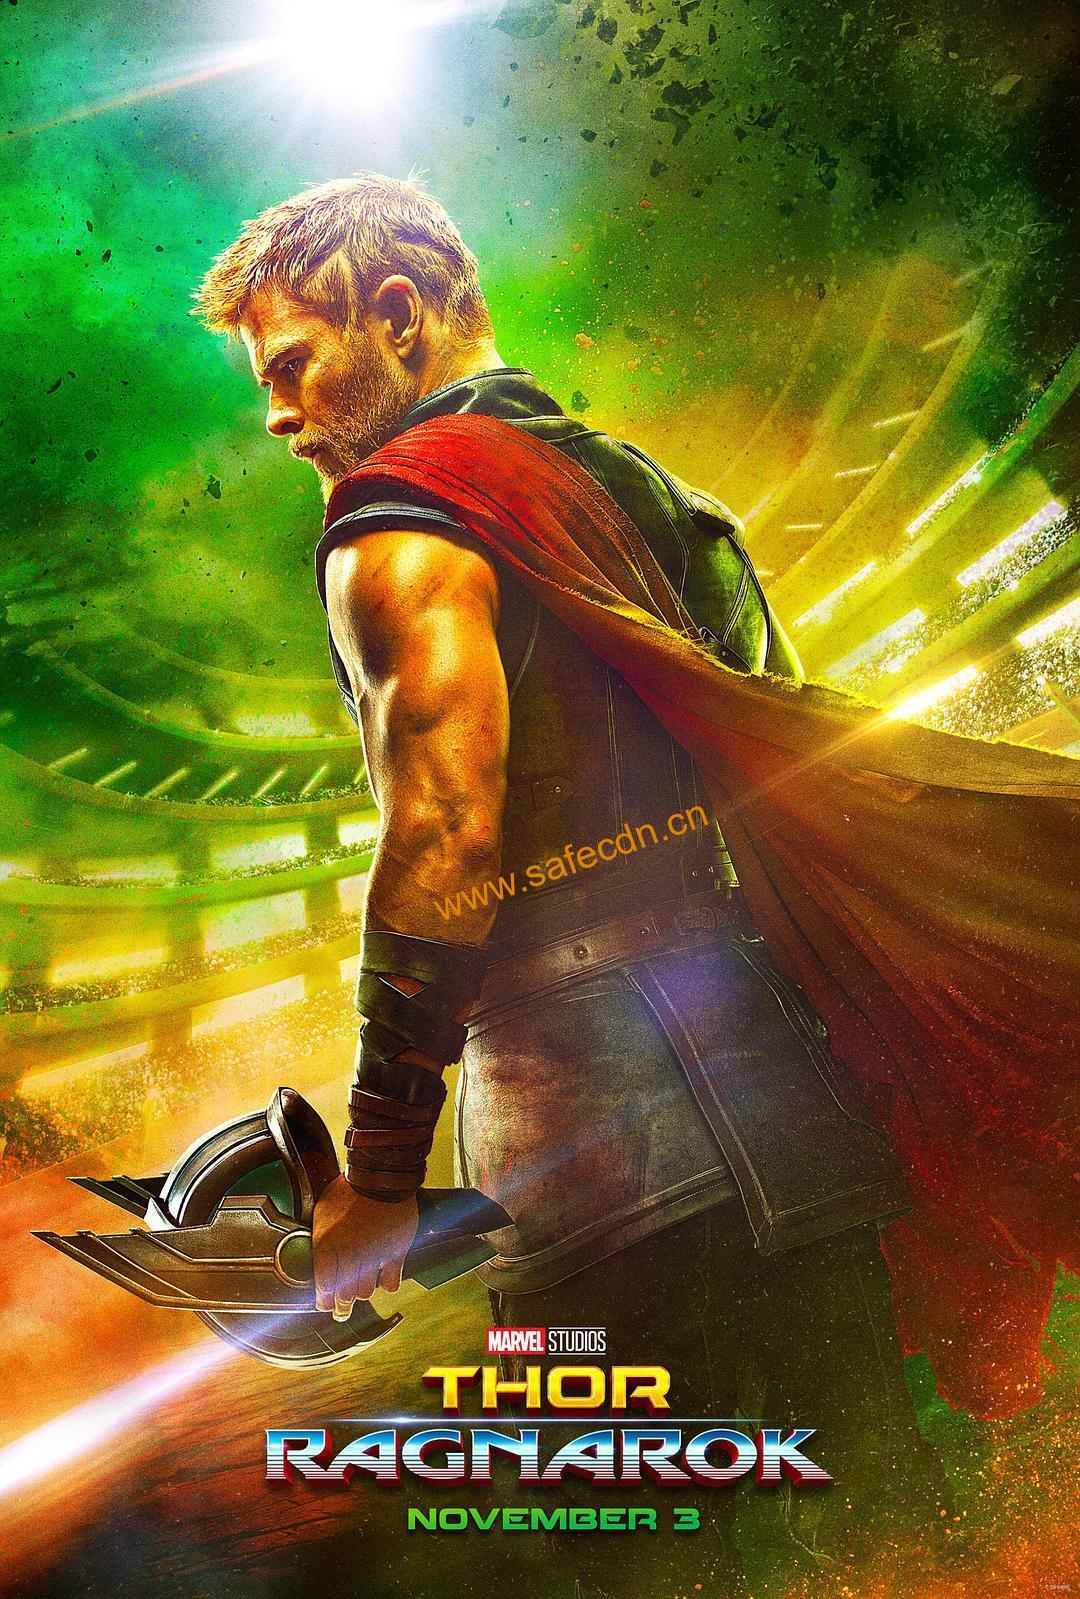 雷神3:诸神黄昏 4K 3D蓝光原盘下载+高清MKV版 / 雷神索尔3:诸神黄昏(台) / 雷神奇侠3:诸神黄昏(港) / 雷神3:诸神的黄昏 / 2017 Thor: Ragnarok 61.2G